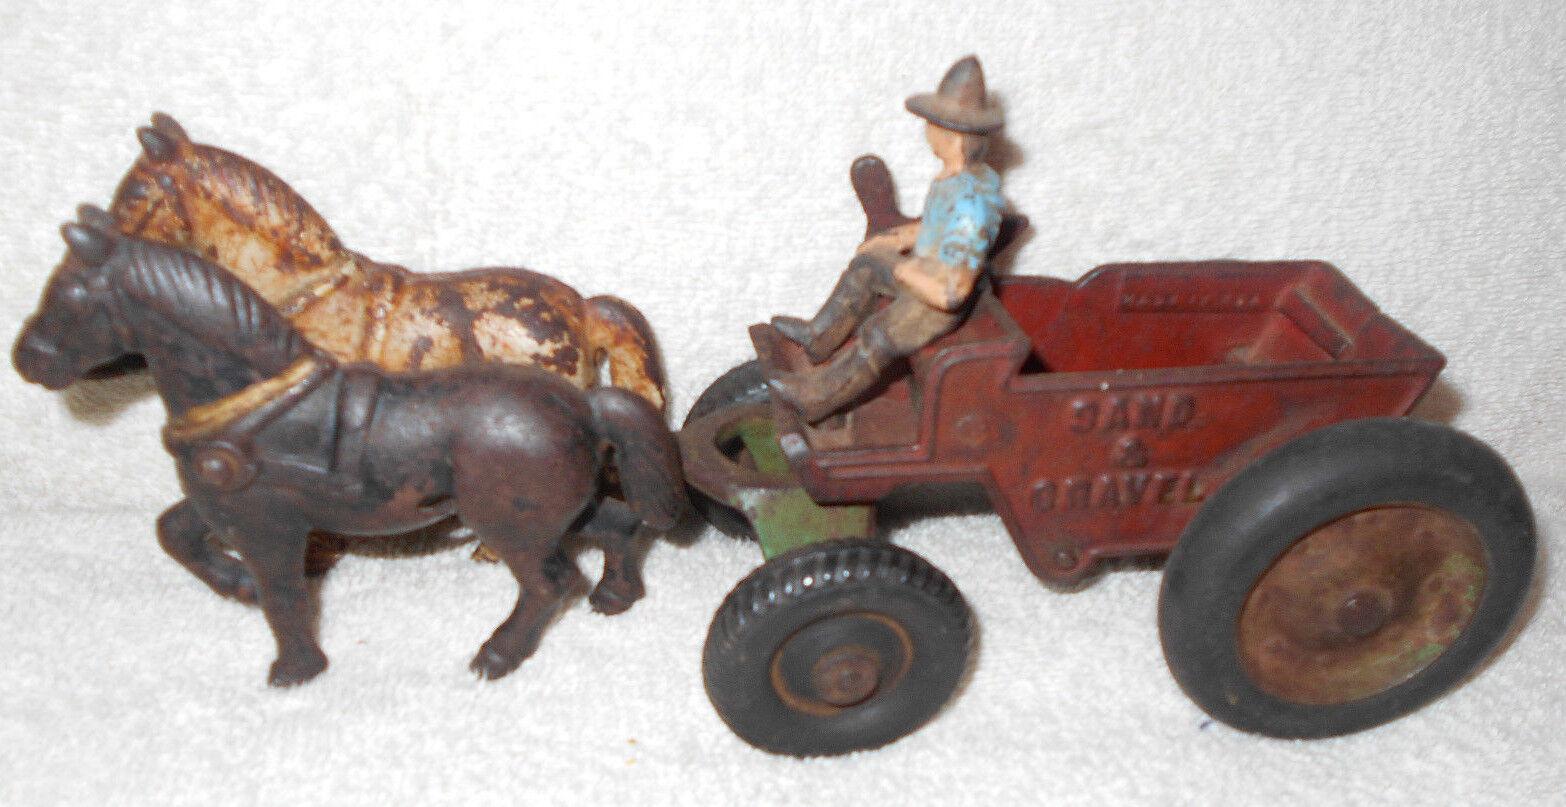 10 hierro fundido en Kenton Arena & grava Dump Vagón con dos caballos dibujado y controladores